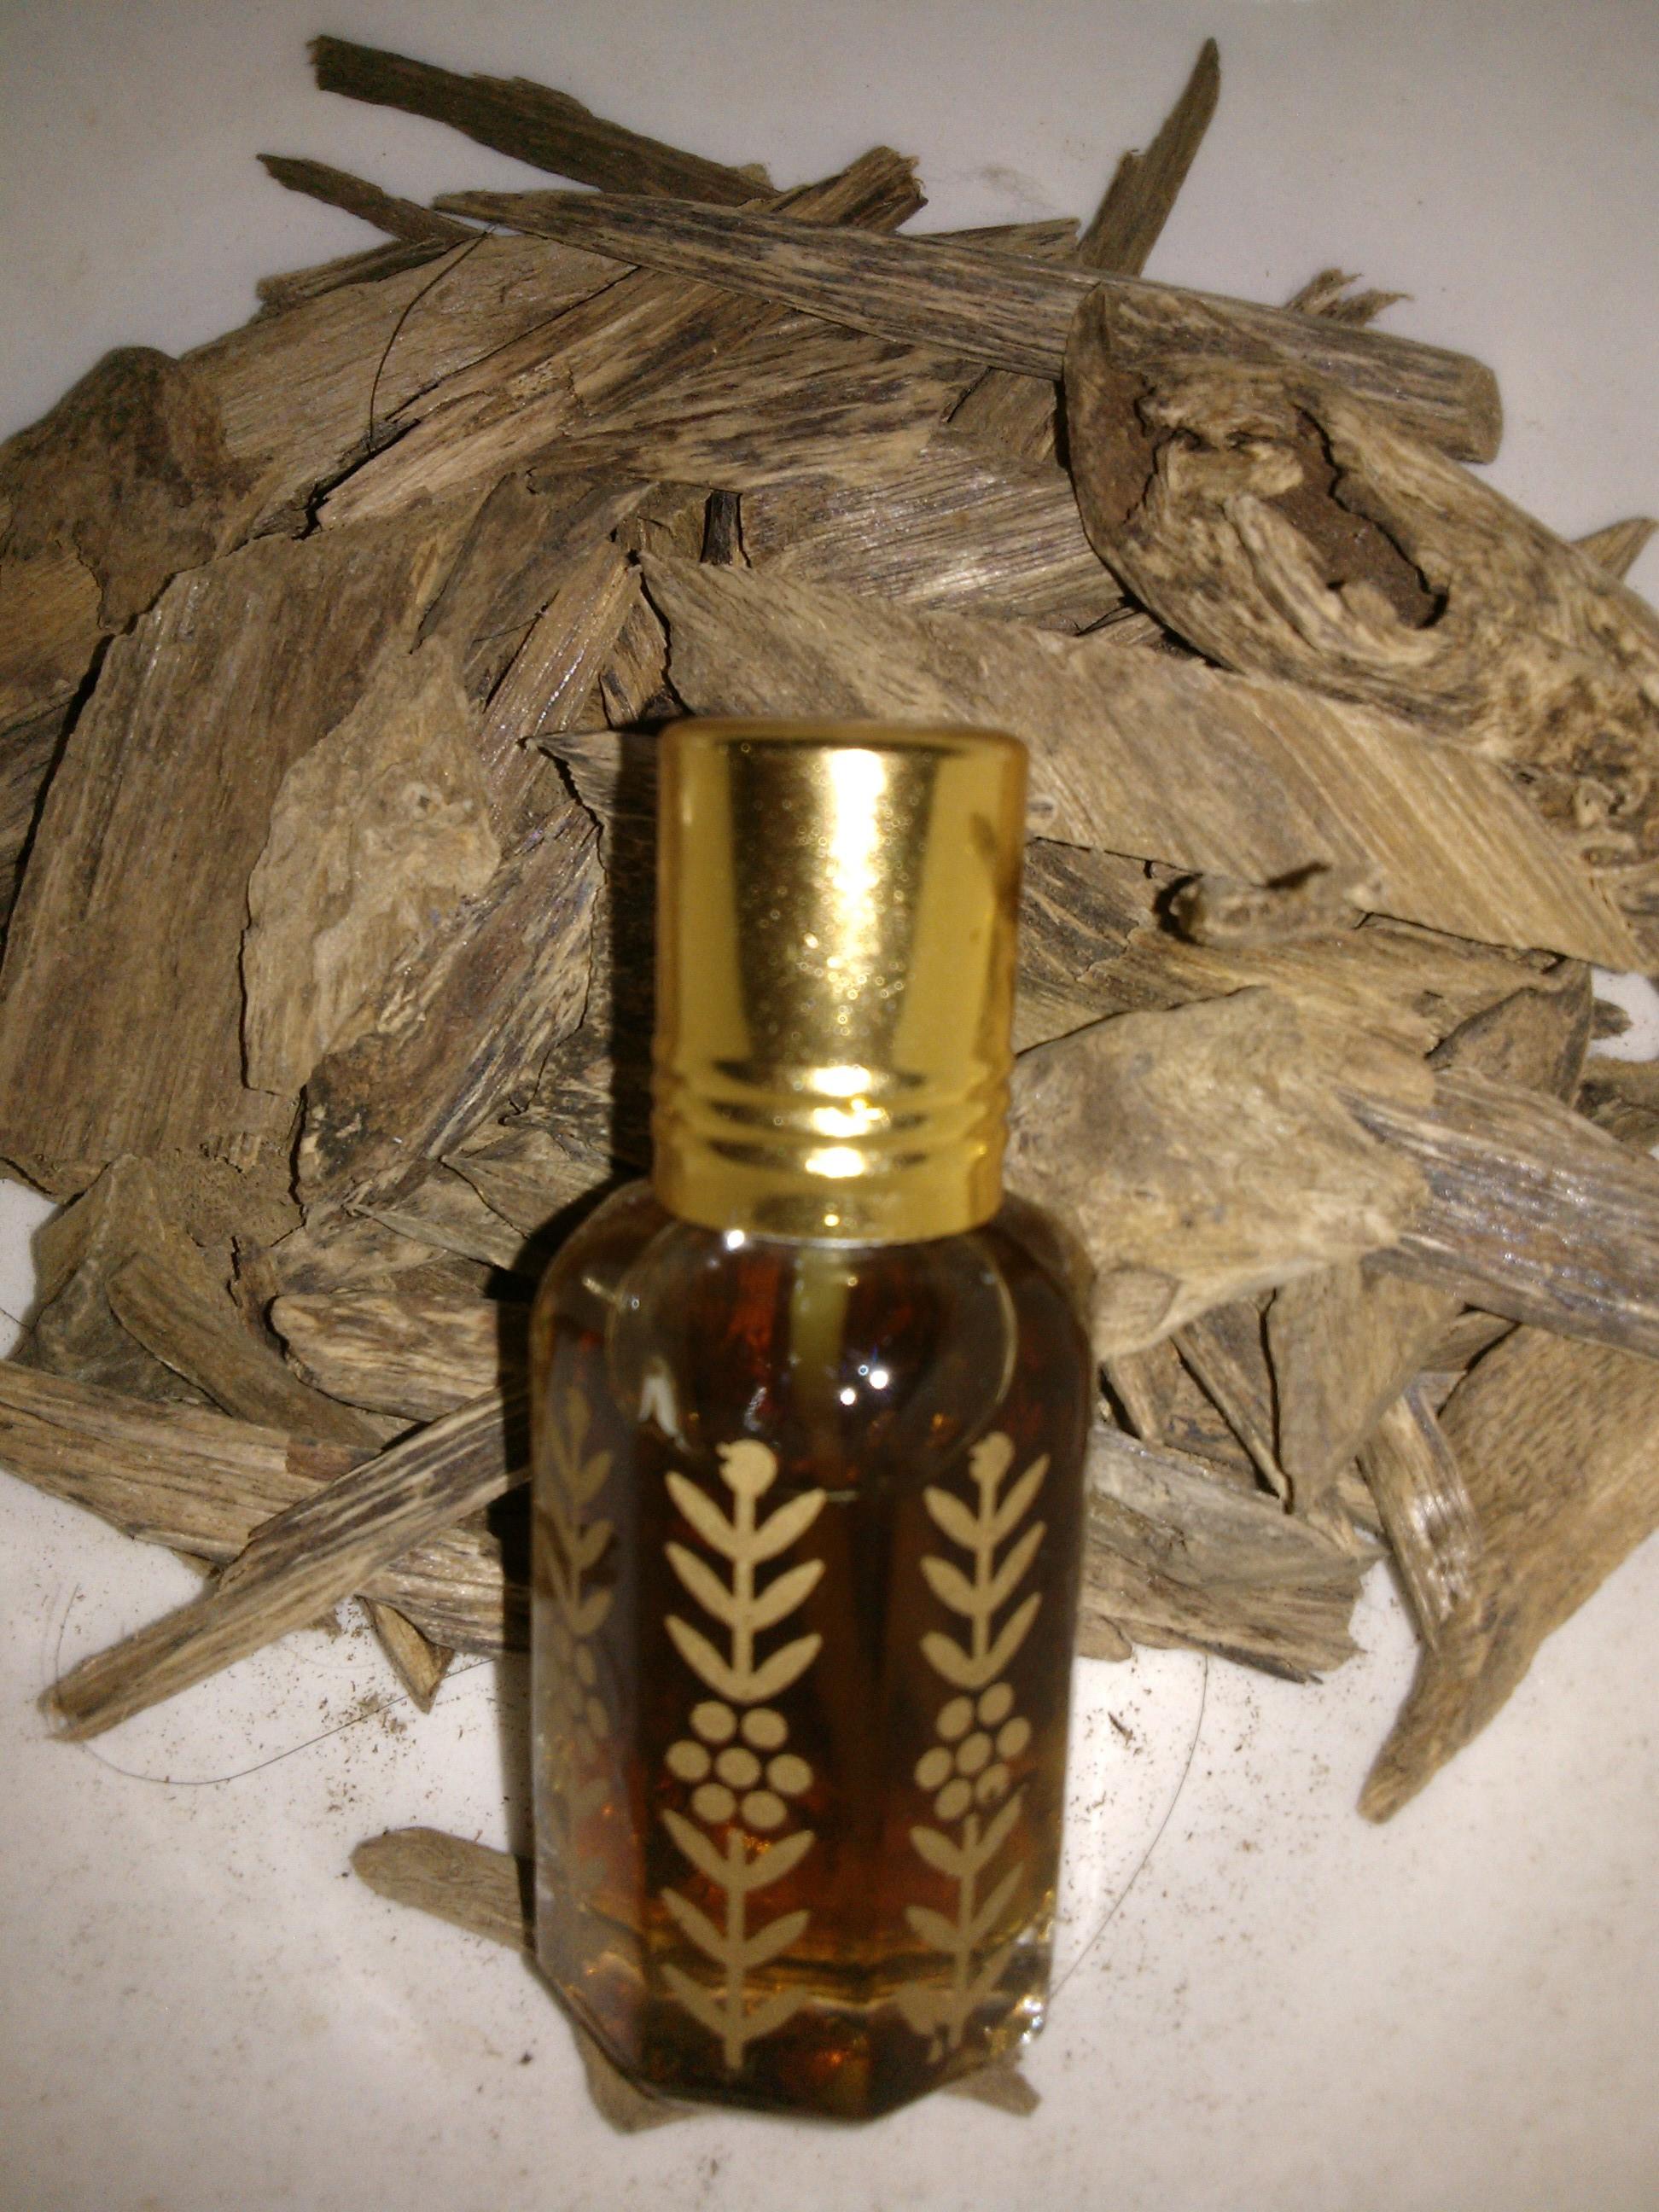 agarwood-oil